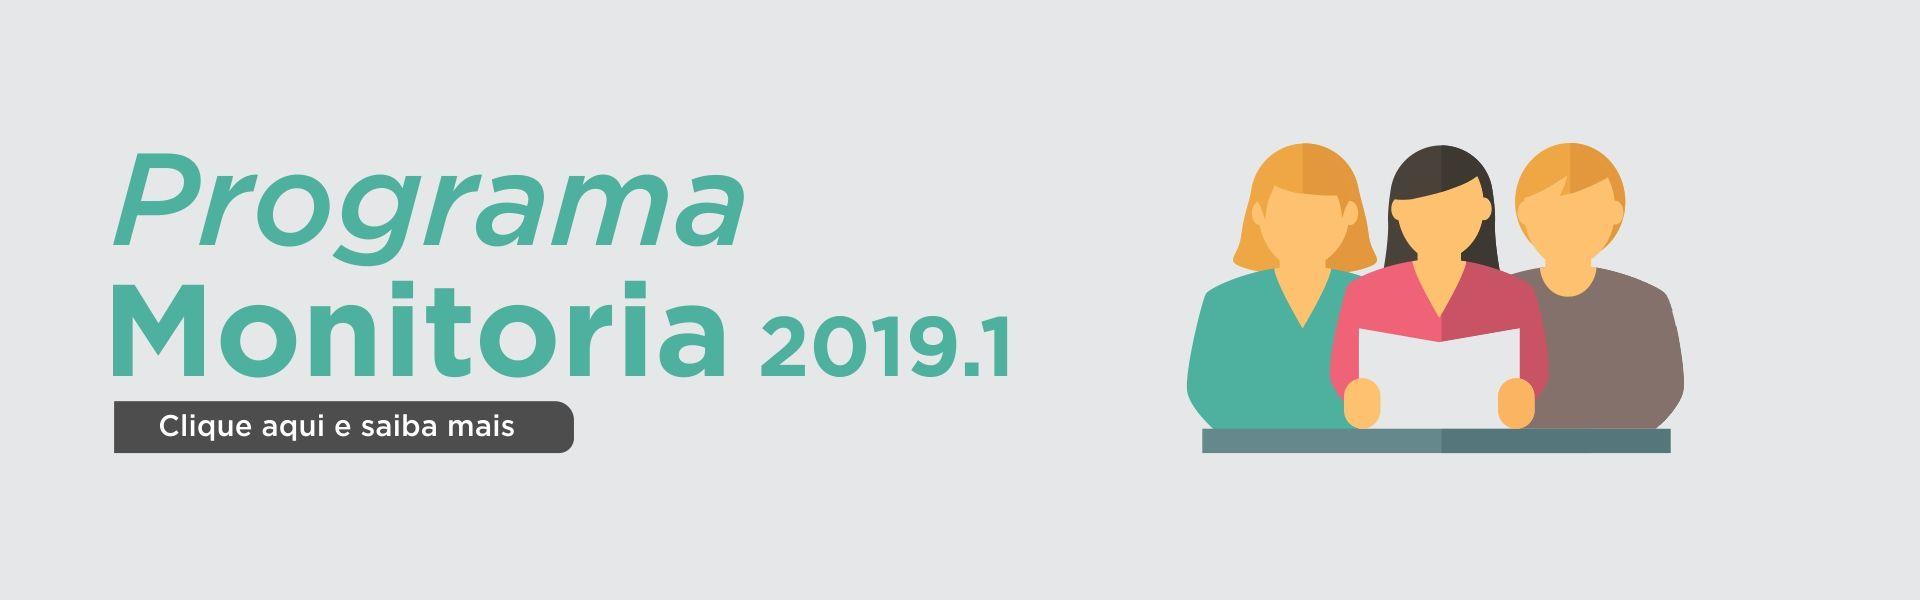 monitoria 2019.1